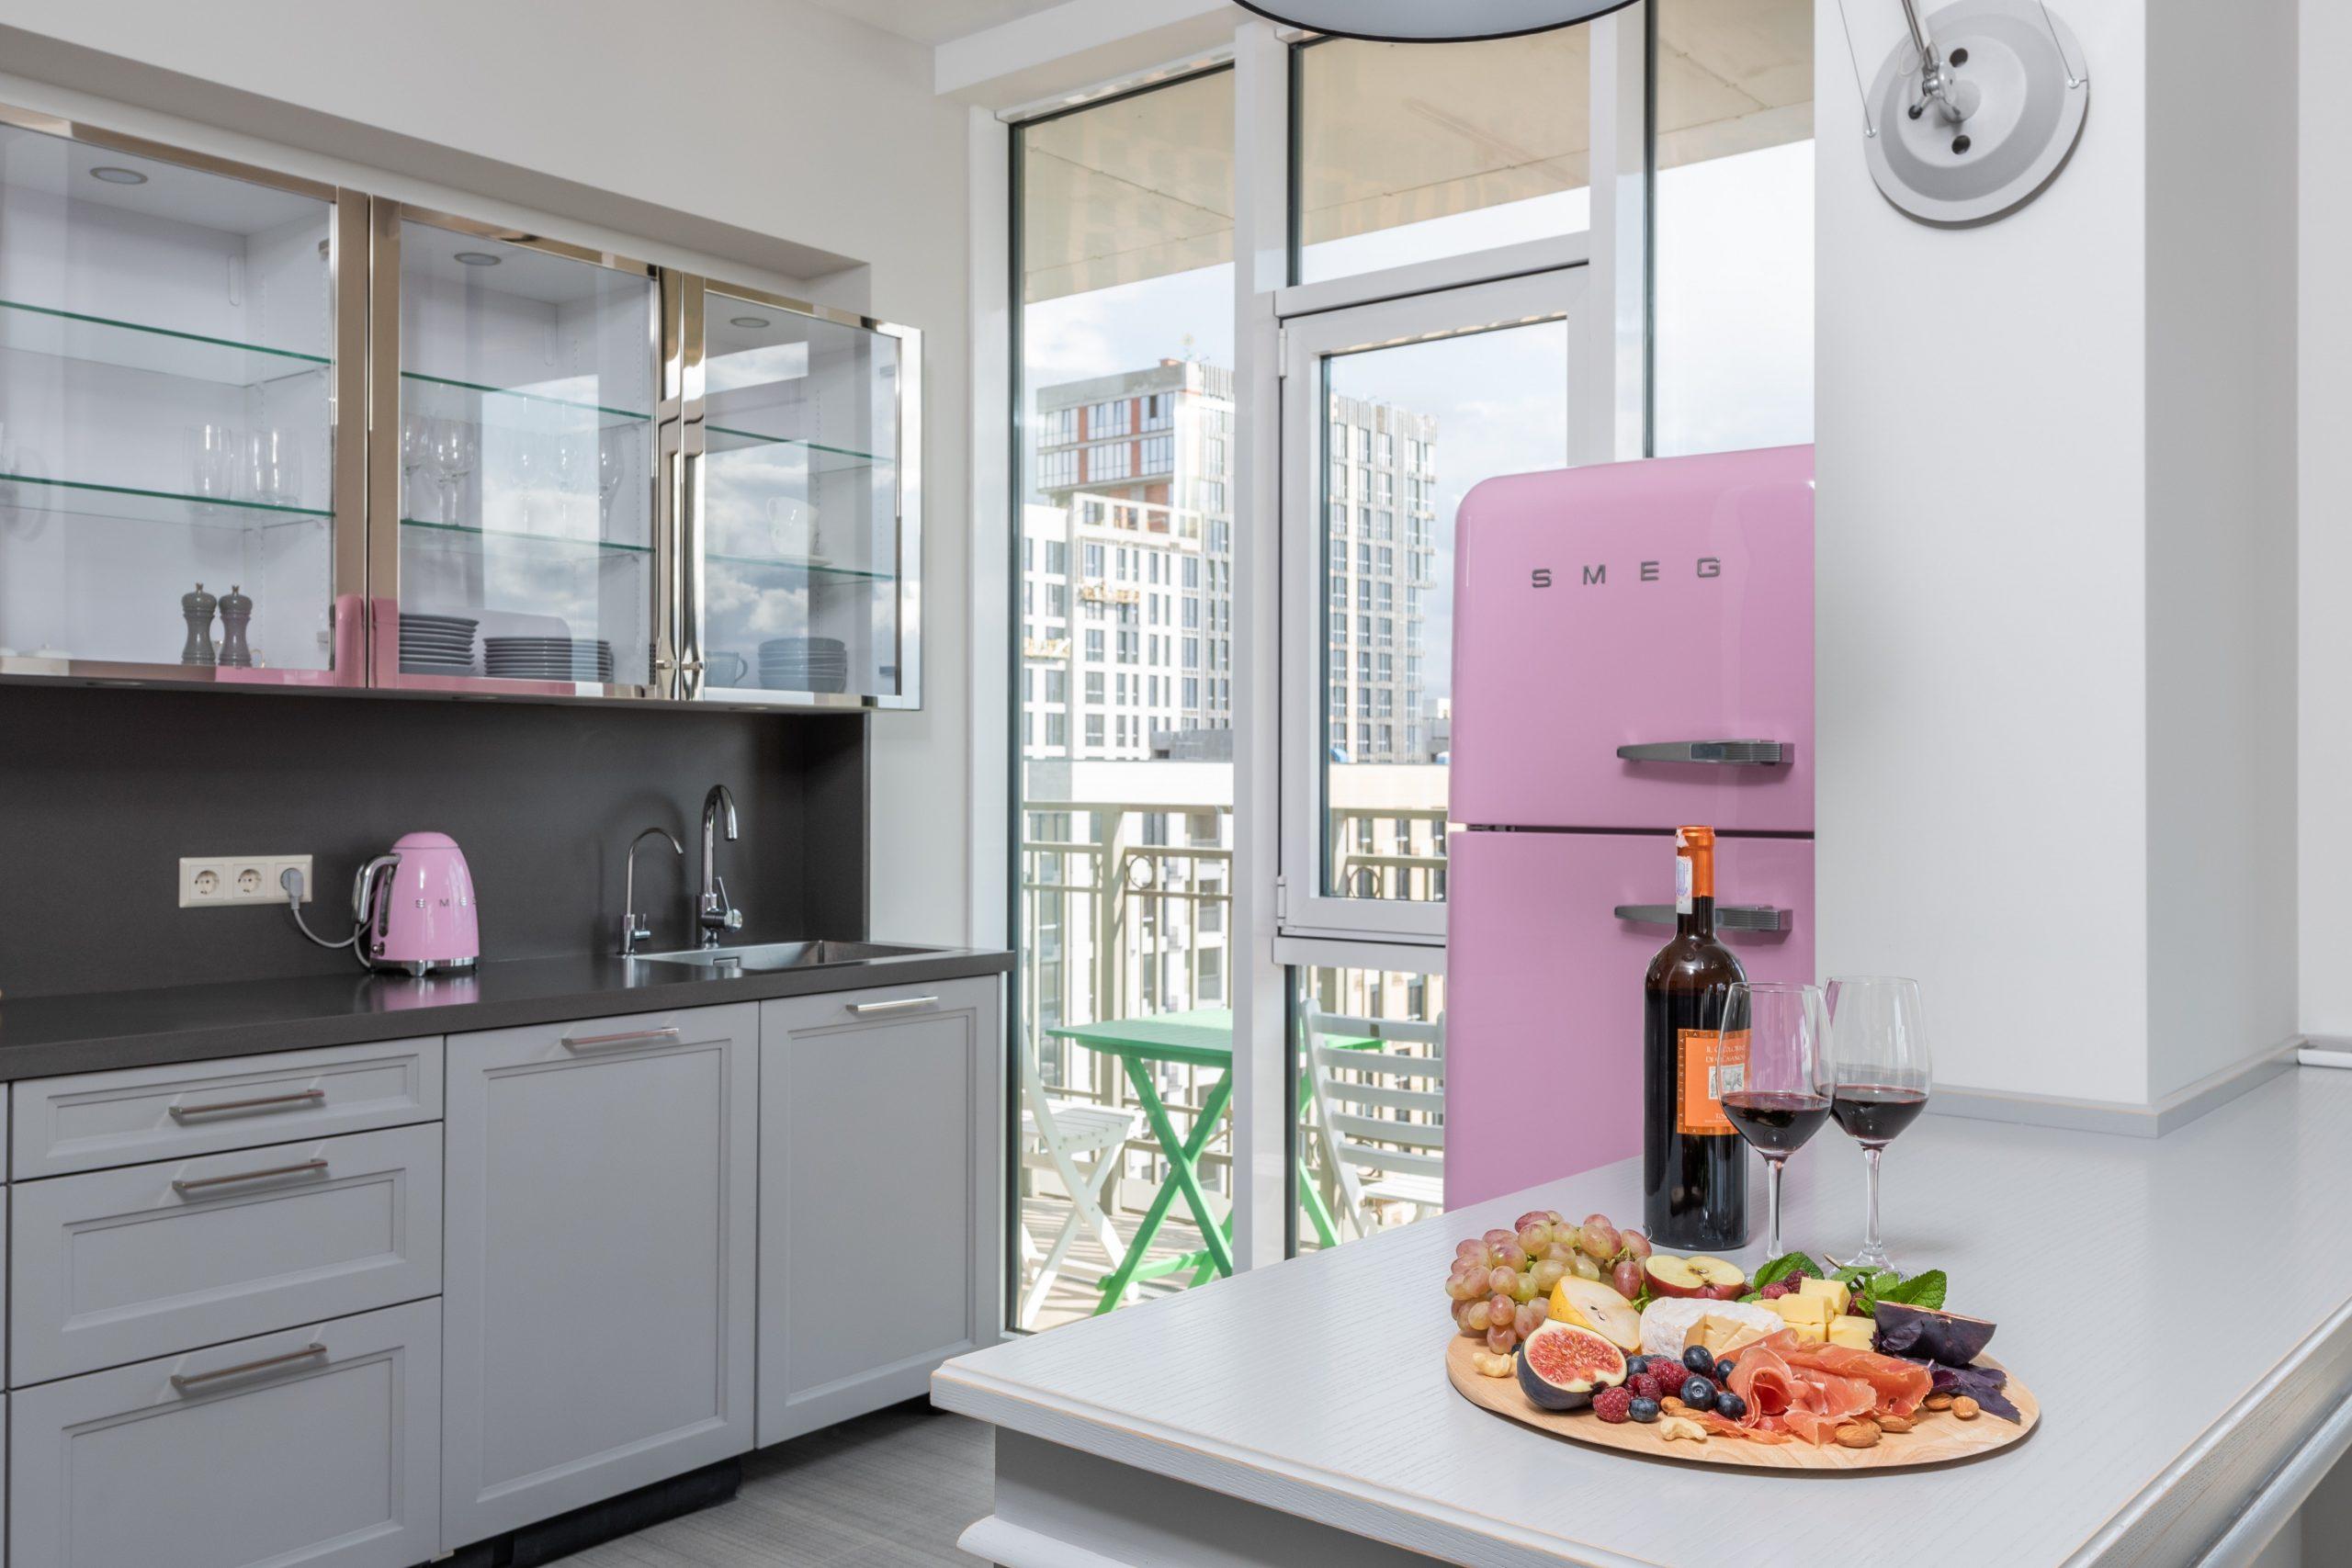 Imagem de uma geladeira retrô.